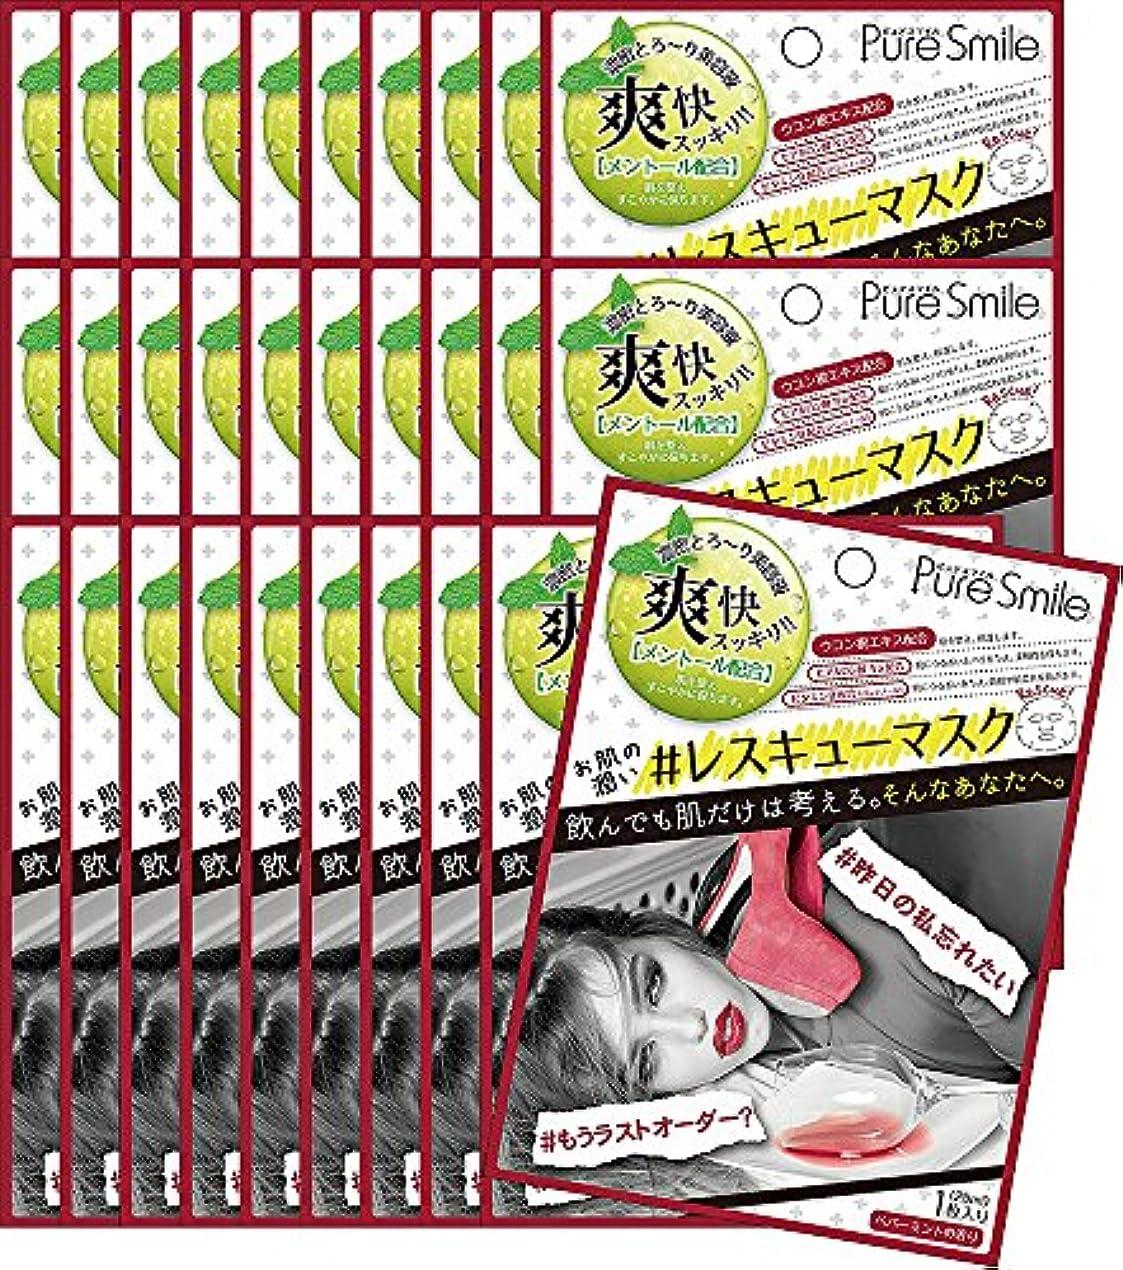 泥虫宝石ピュアスマイル 『レスキューマスク』【飲みすぎ/ウコンでレスキュー(ペパーミントの香り)メントール配合】30枚セット